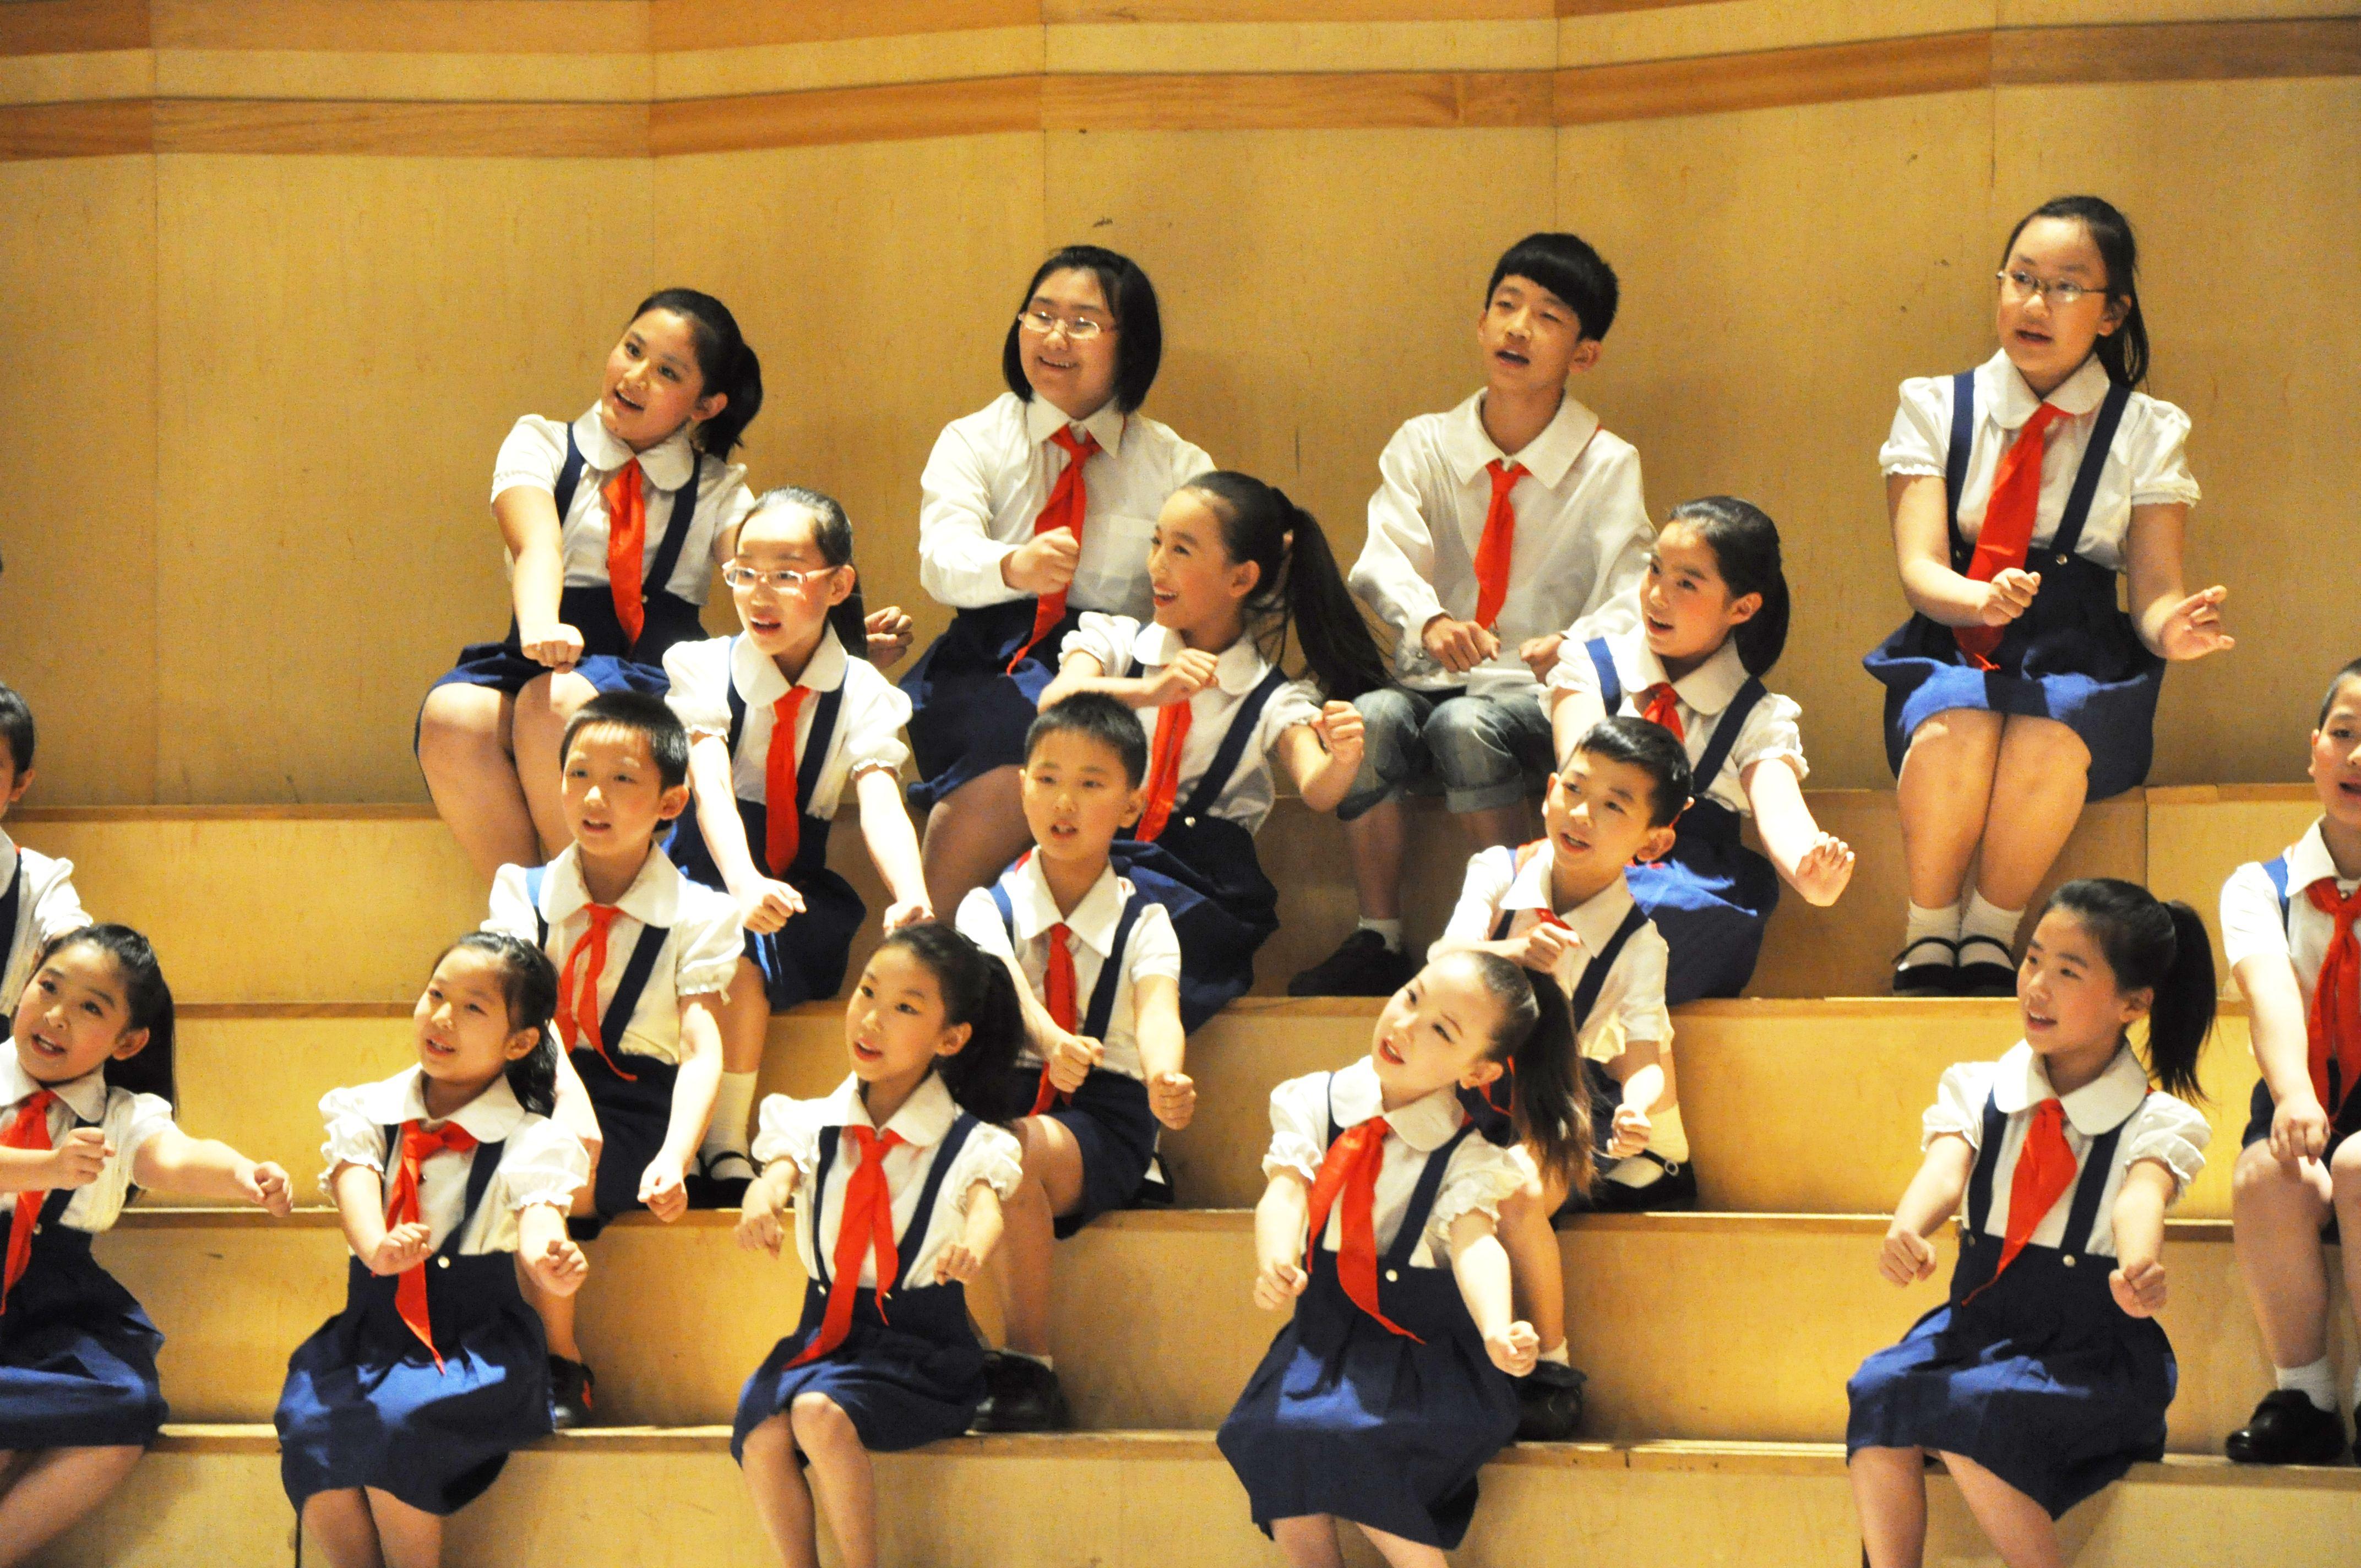 为什么让孩子学合唱?看看都有哪些好处你就知道了